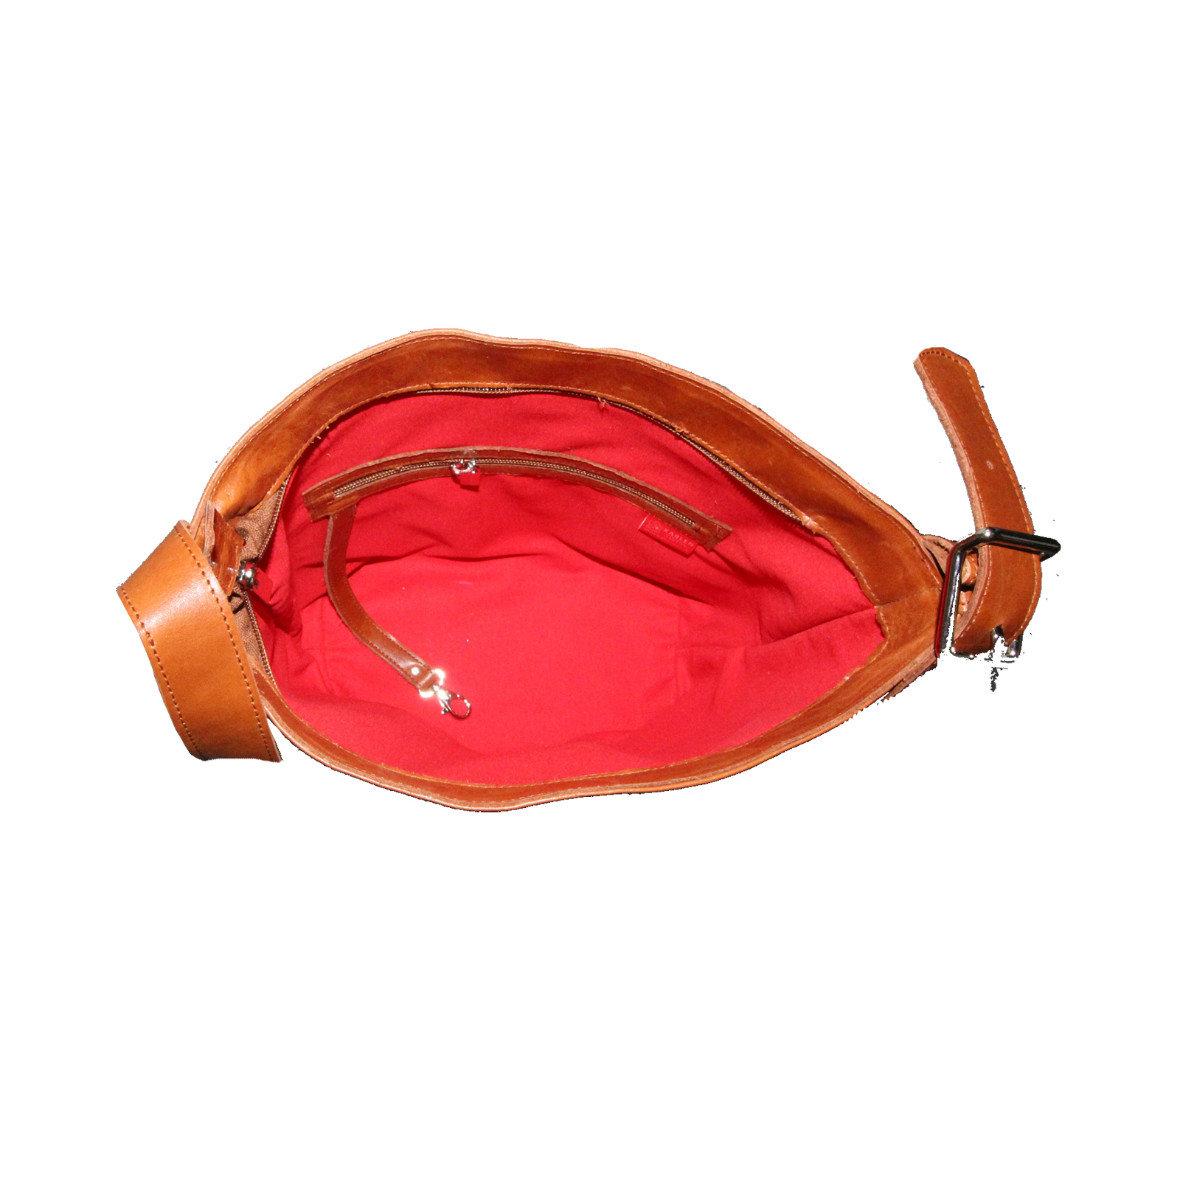 Handtasche - Olivenleder - Innenfutter rot - Innenfach